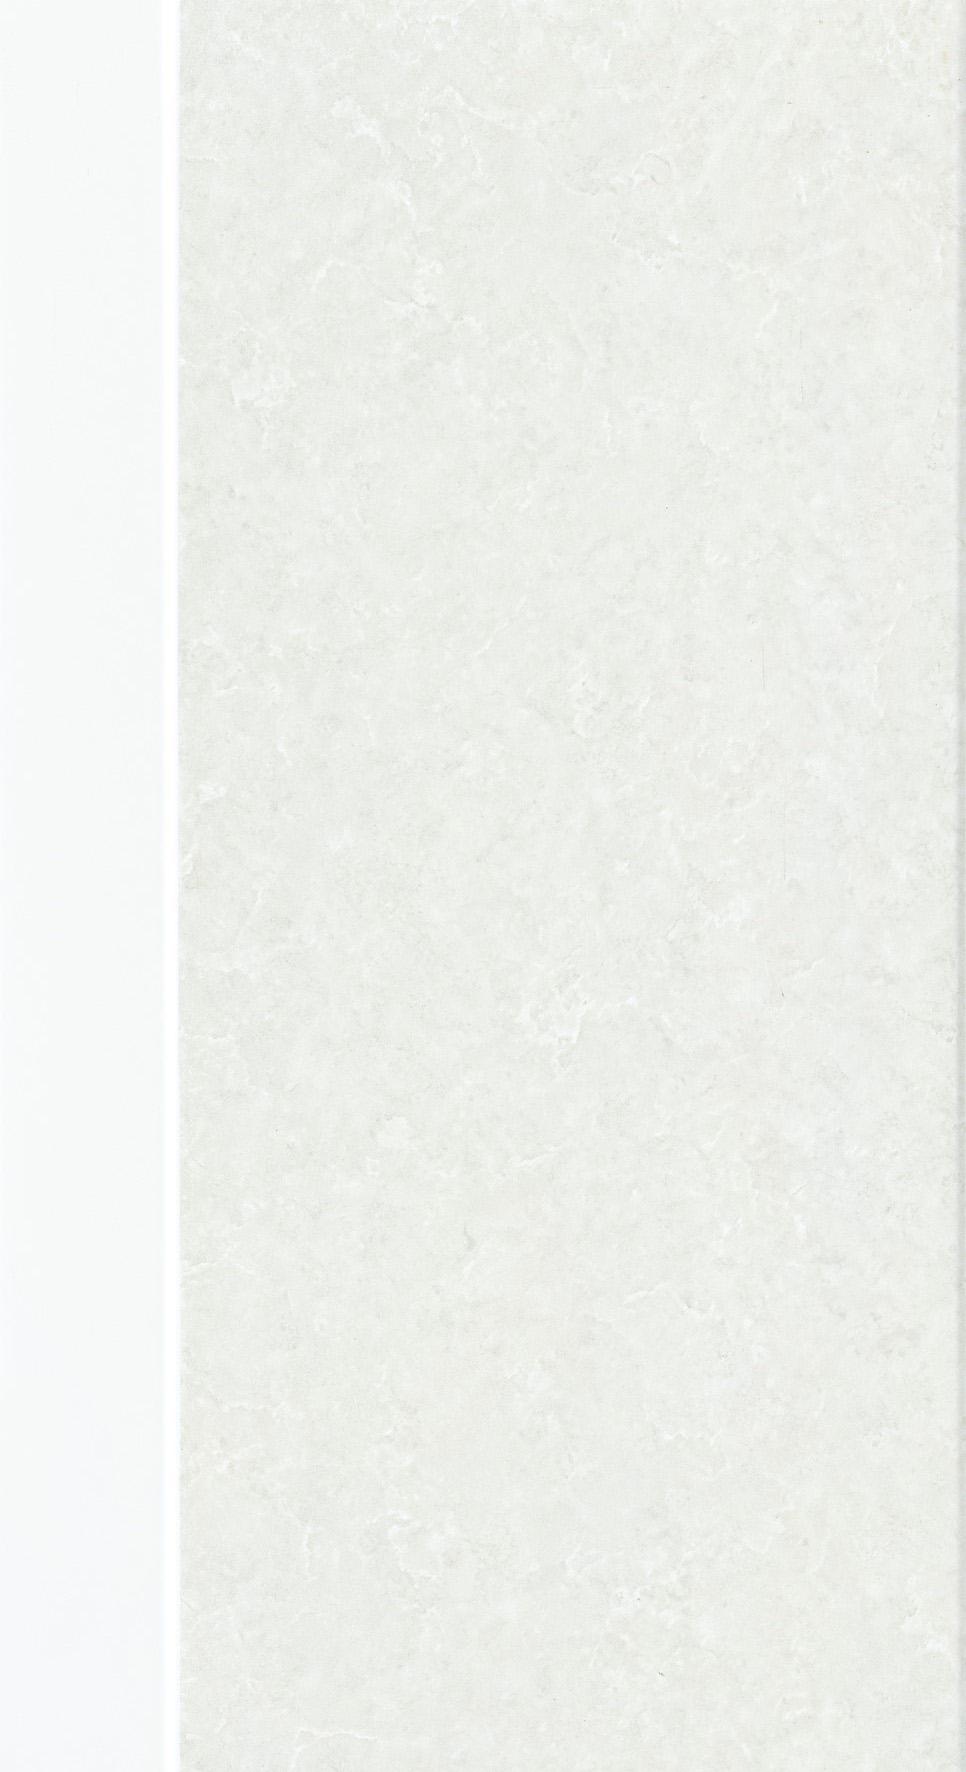 3-3E63277(600X330mm)